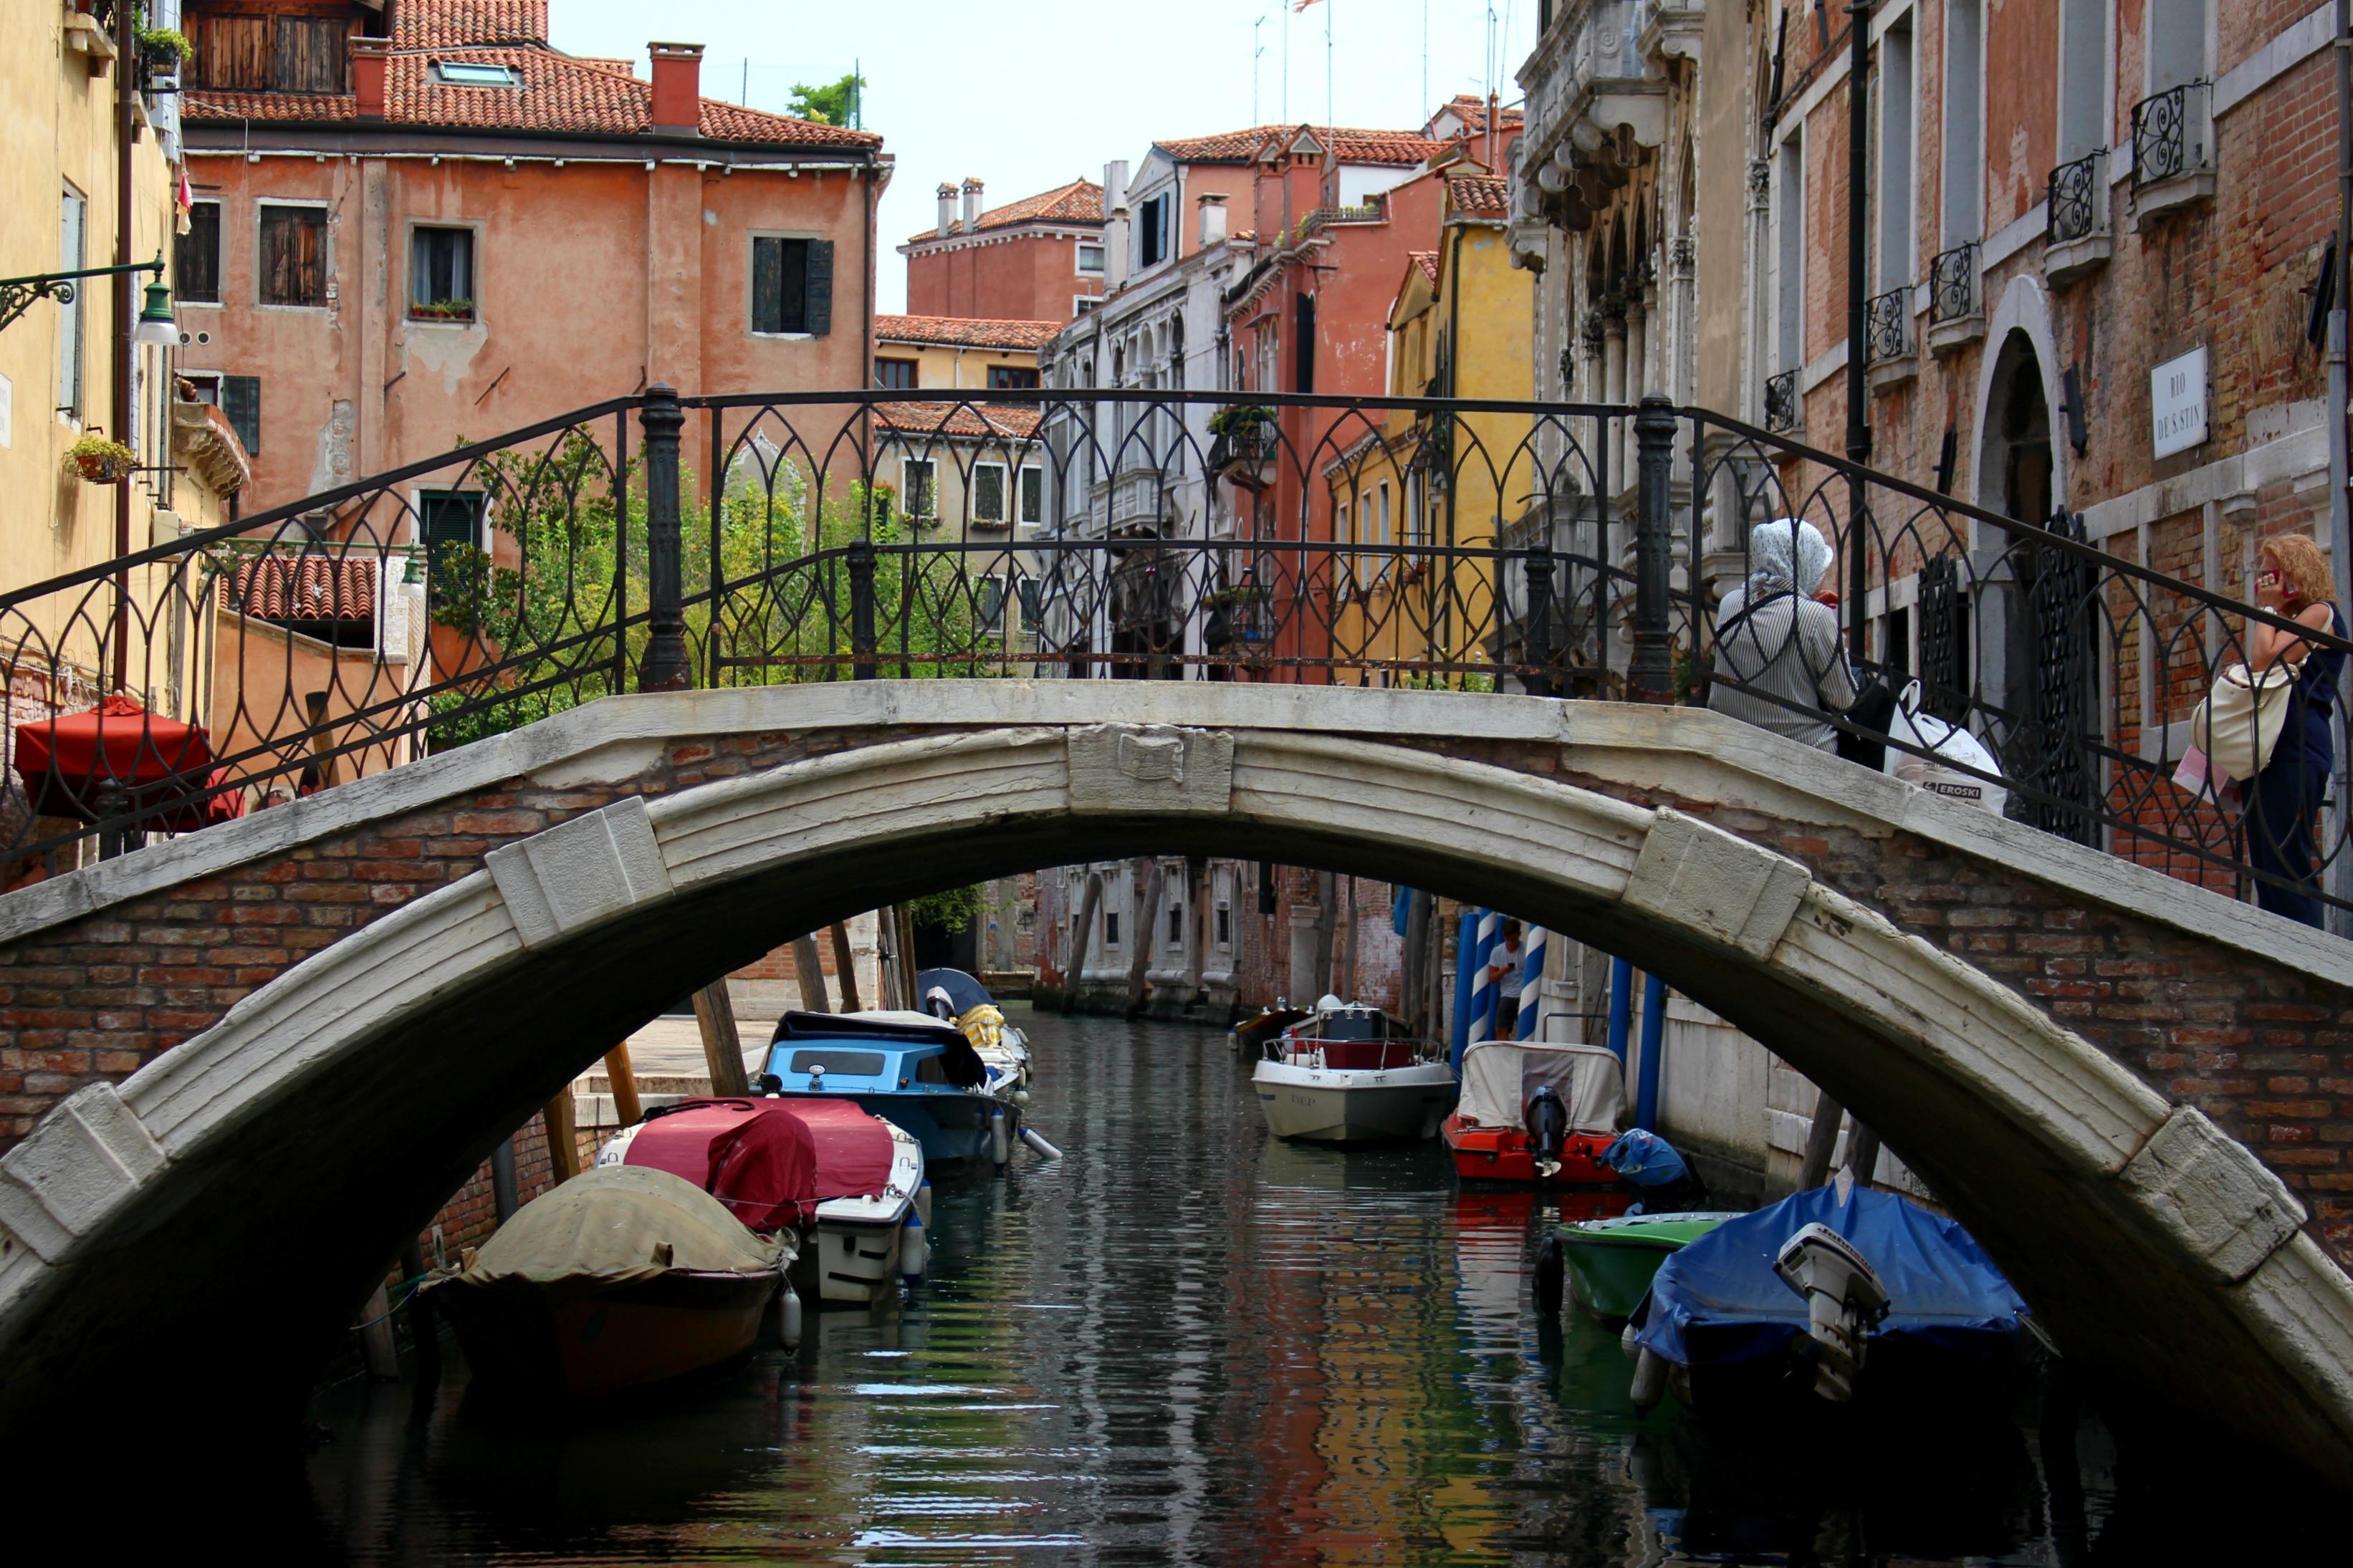 Poverty in Beauty. Venice, Italy